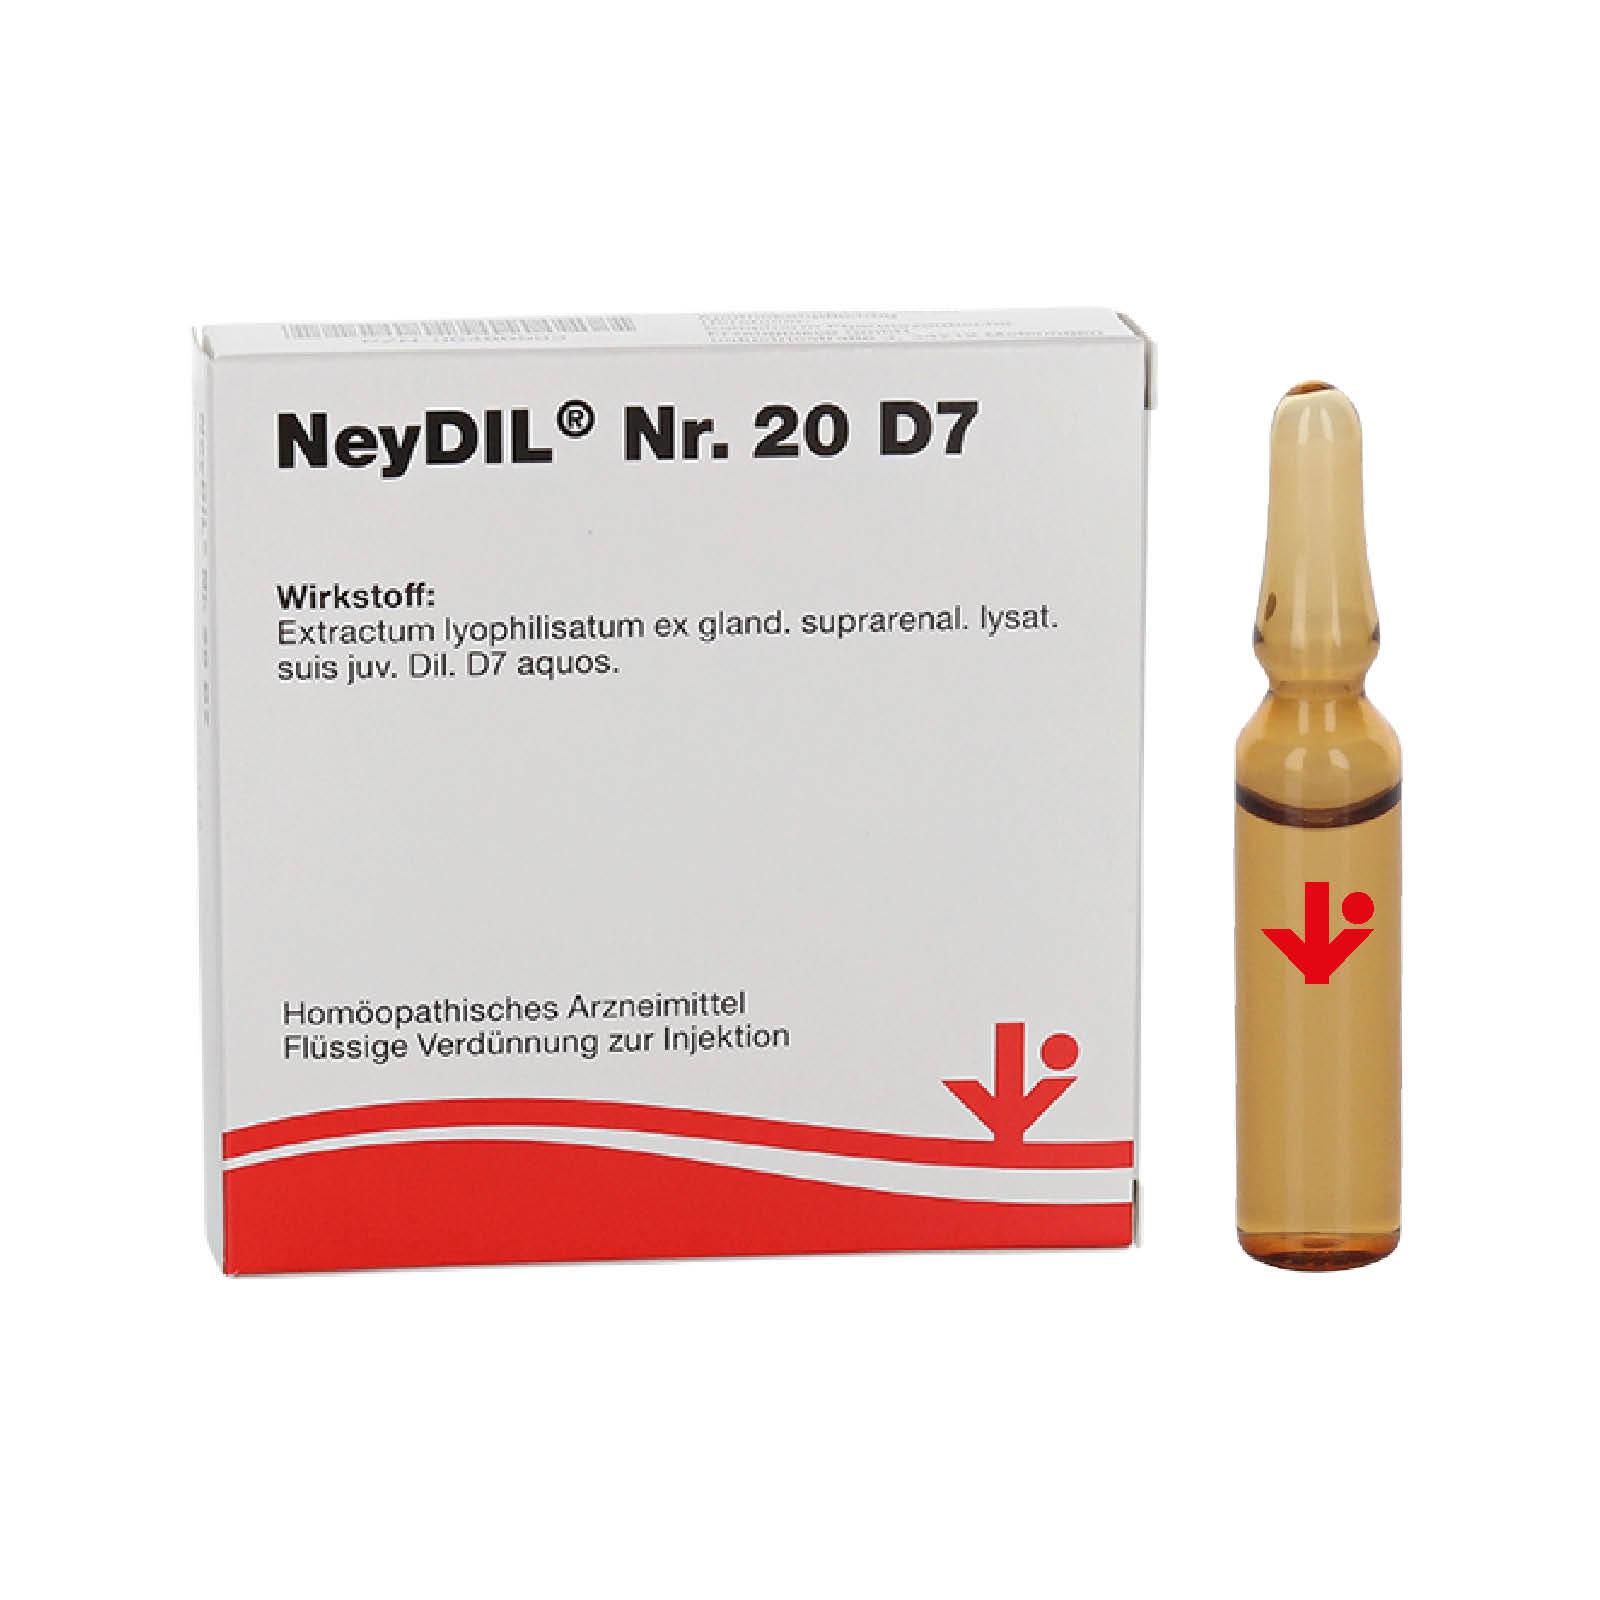 NeyDIL® Nr. 20 D7